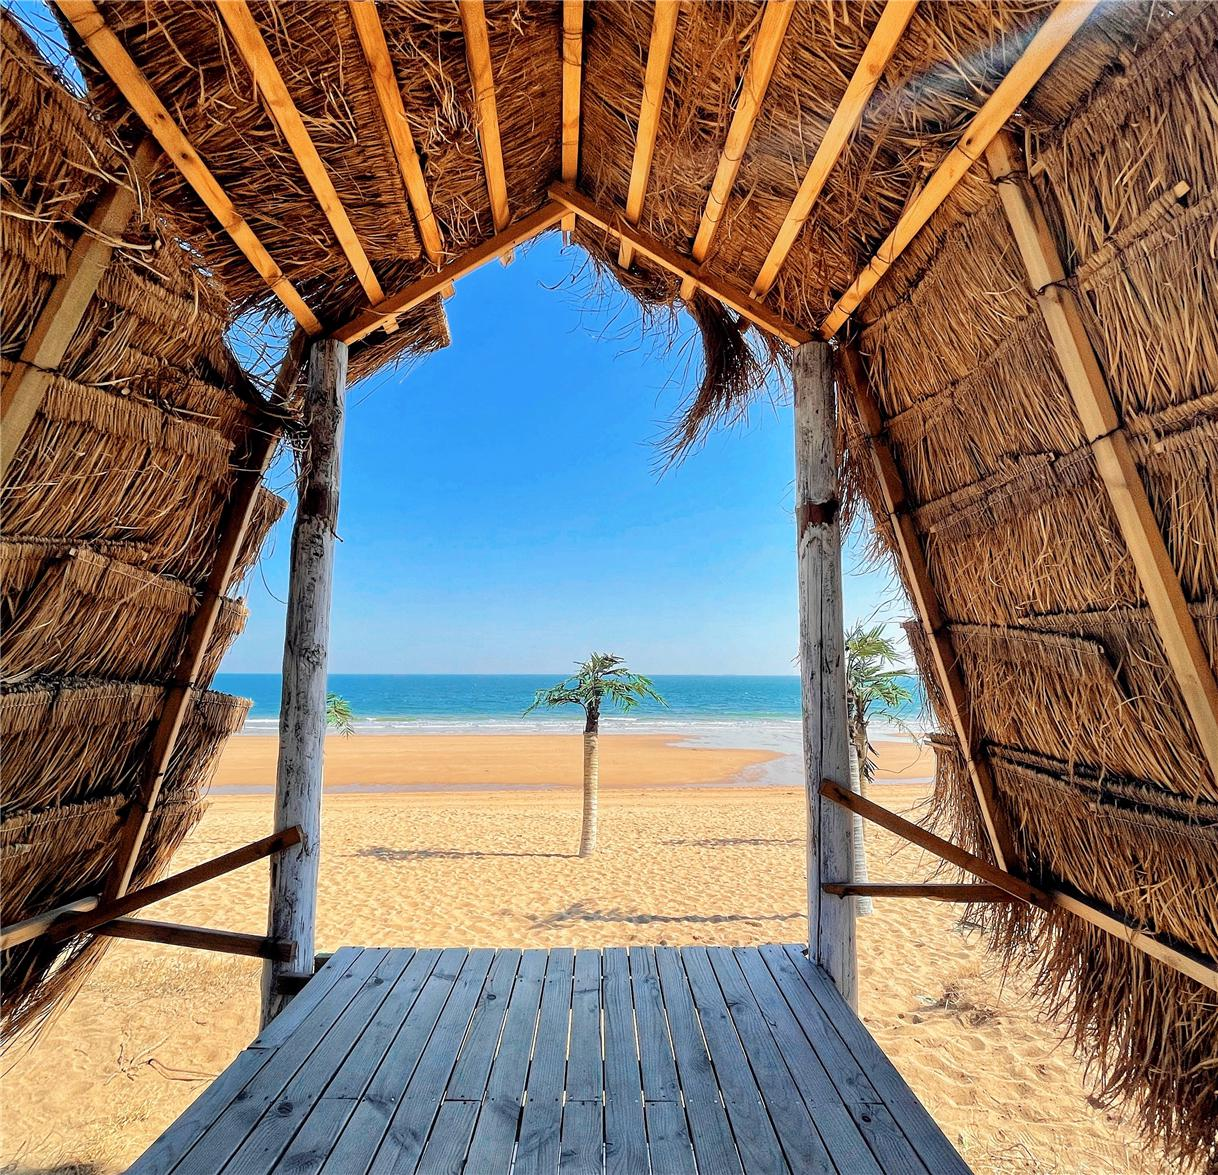 日照旅游沿海景点一览,必打卡碧海沙滩怎么选,这份攻略盘点图1